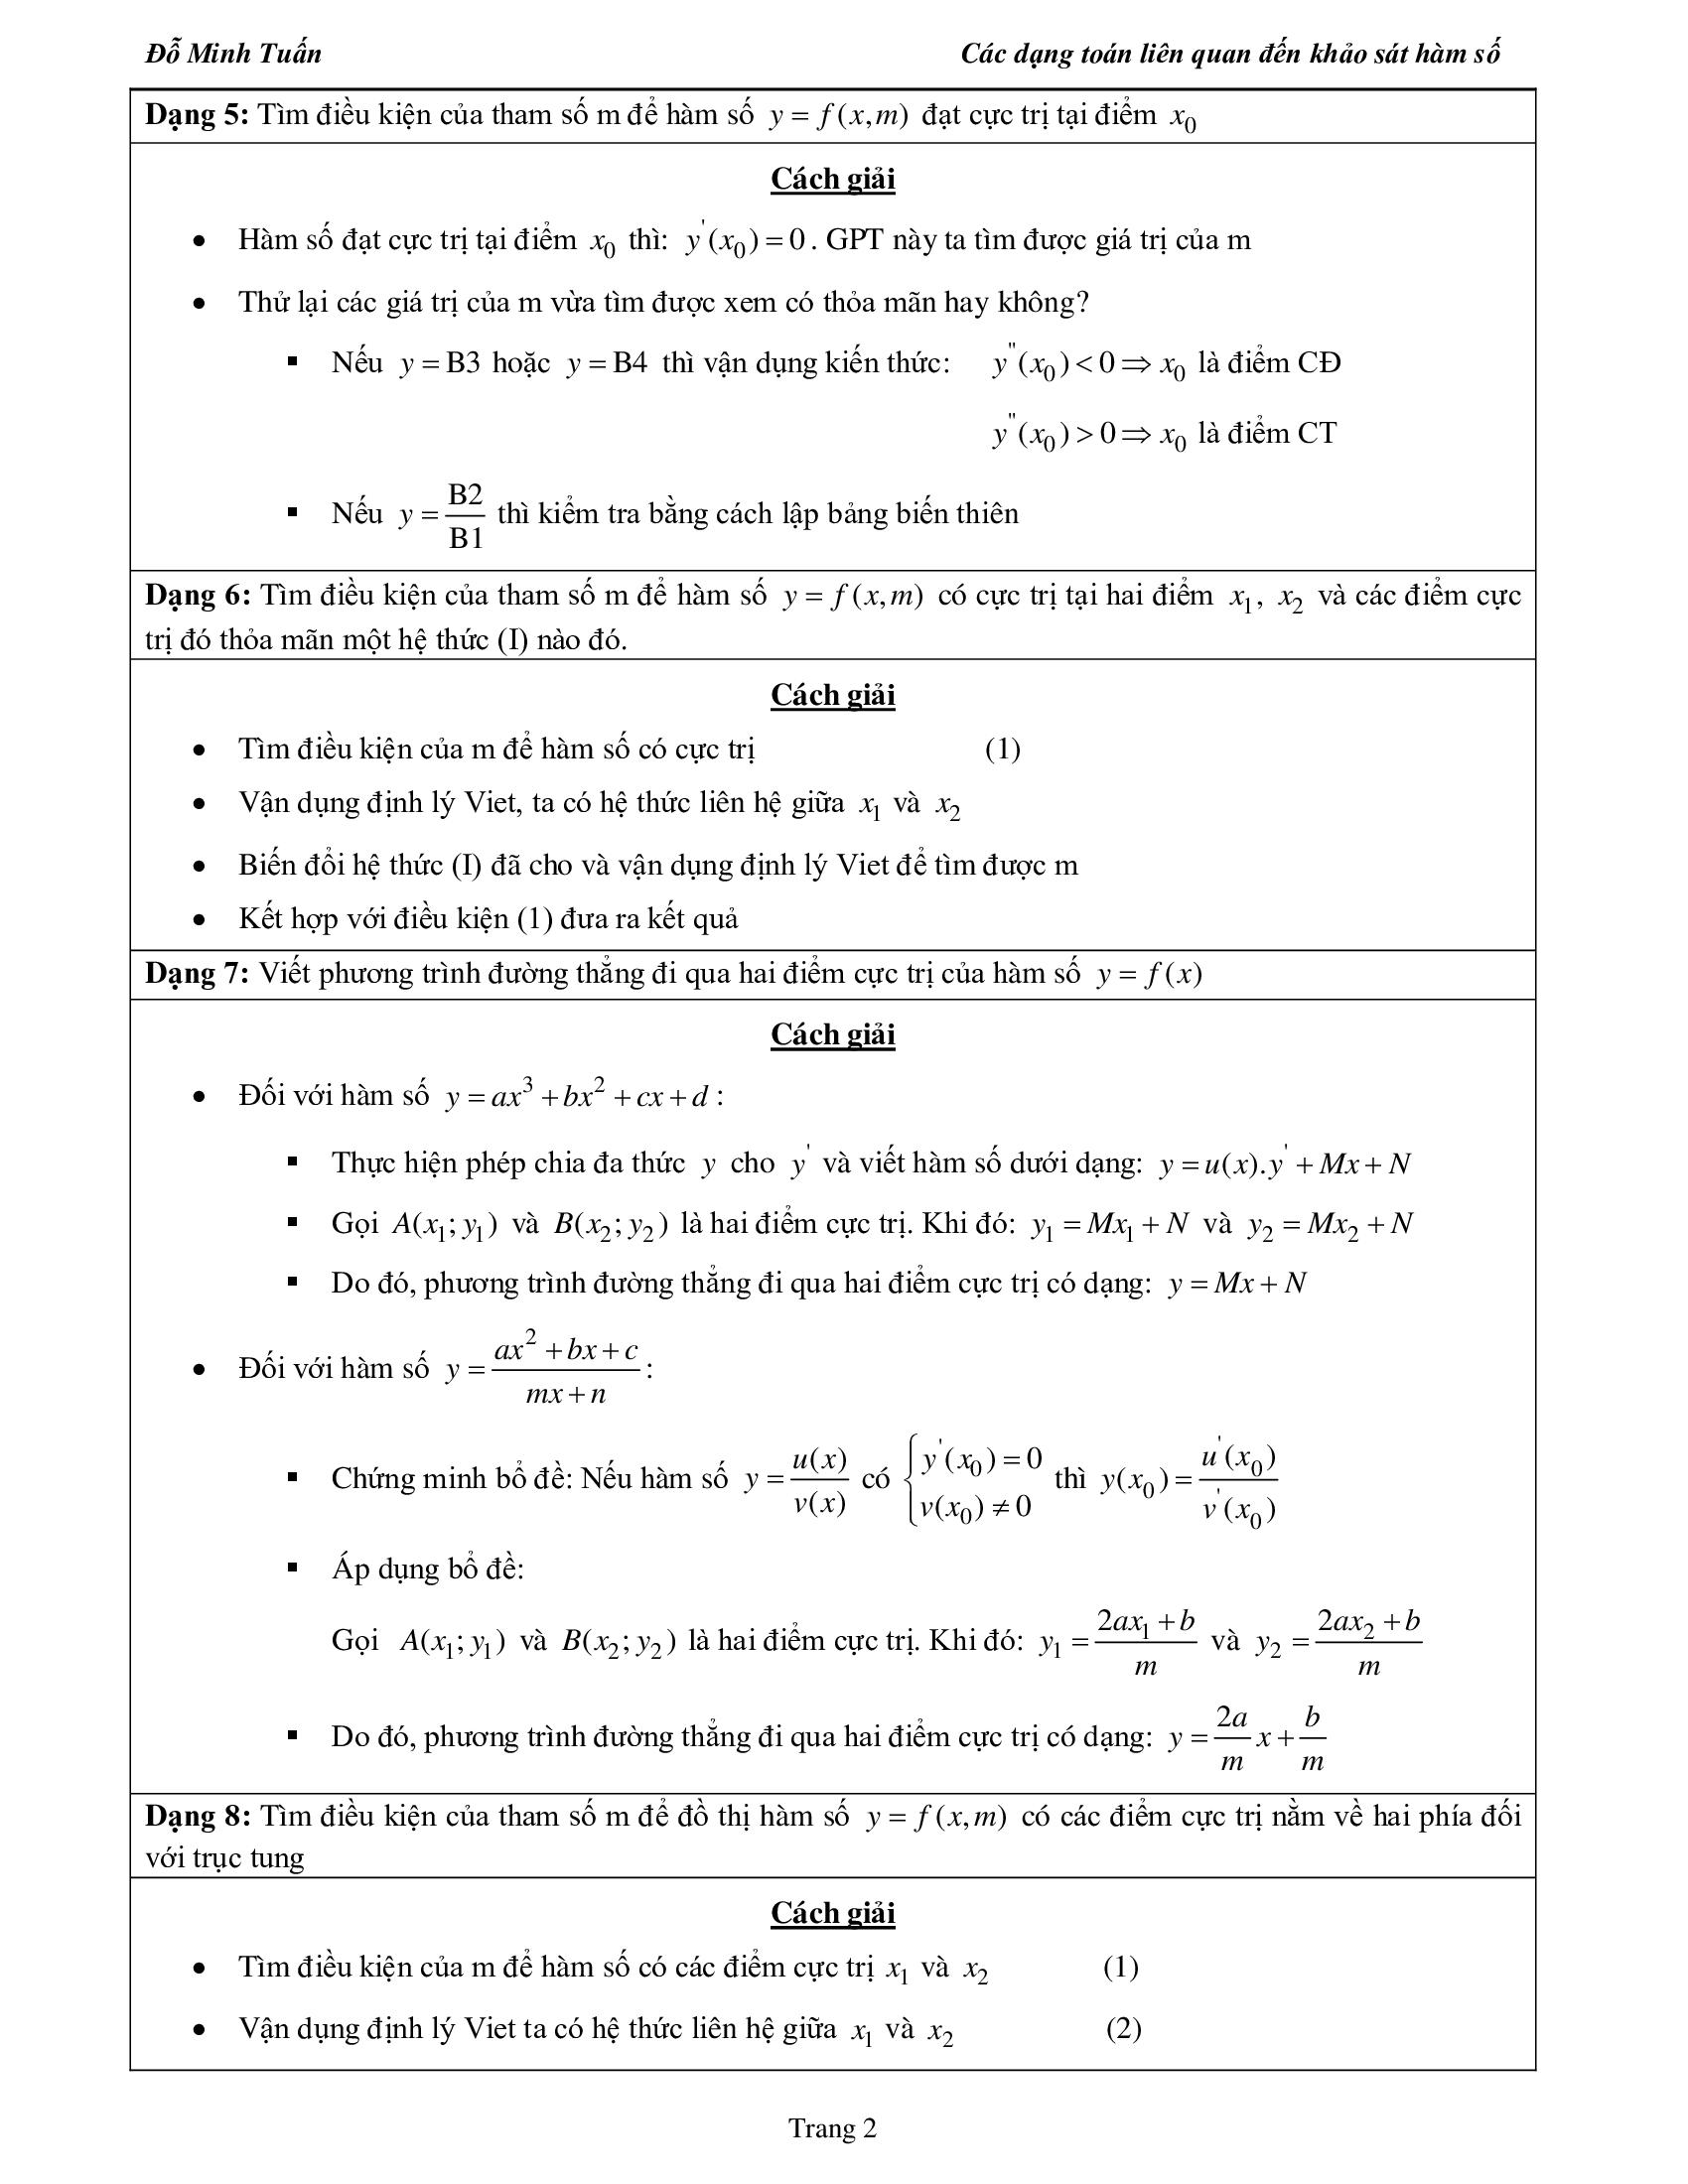 Chuyên đề Giải 35 dạng Khảo Sát Hàm Số - Toán 12